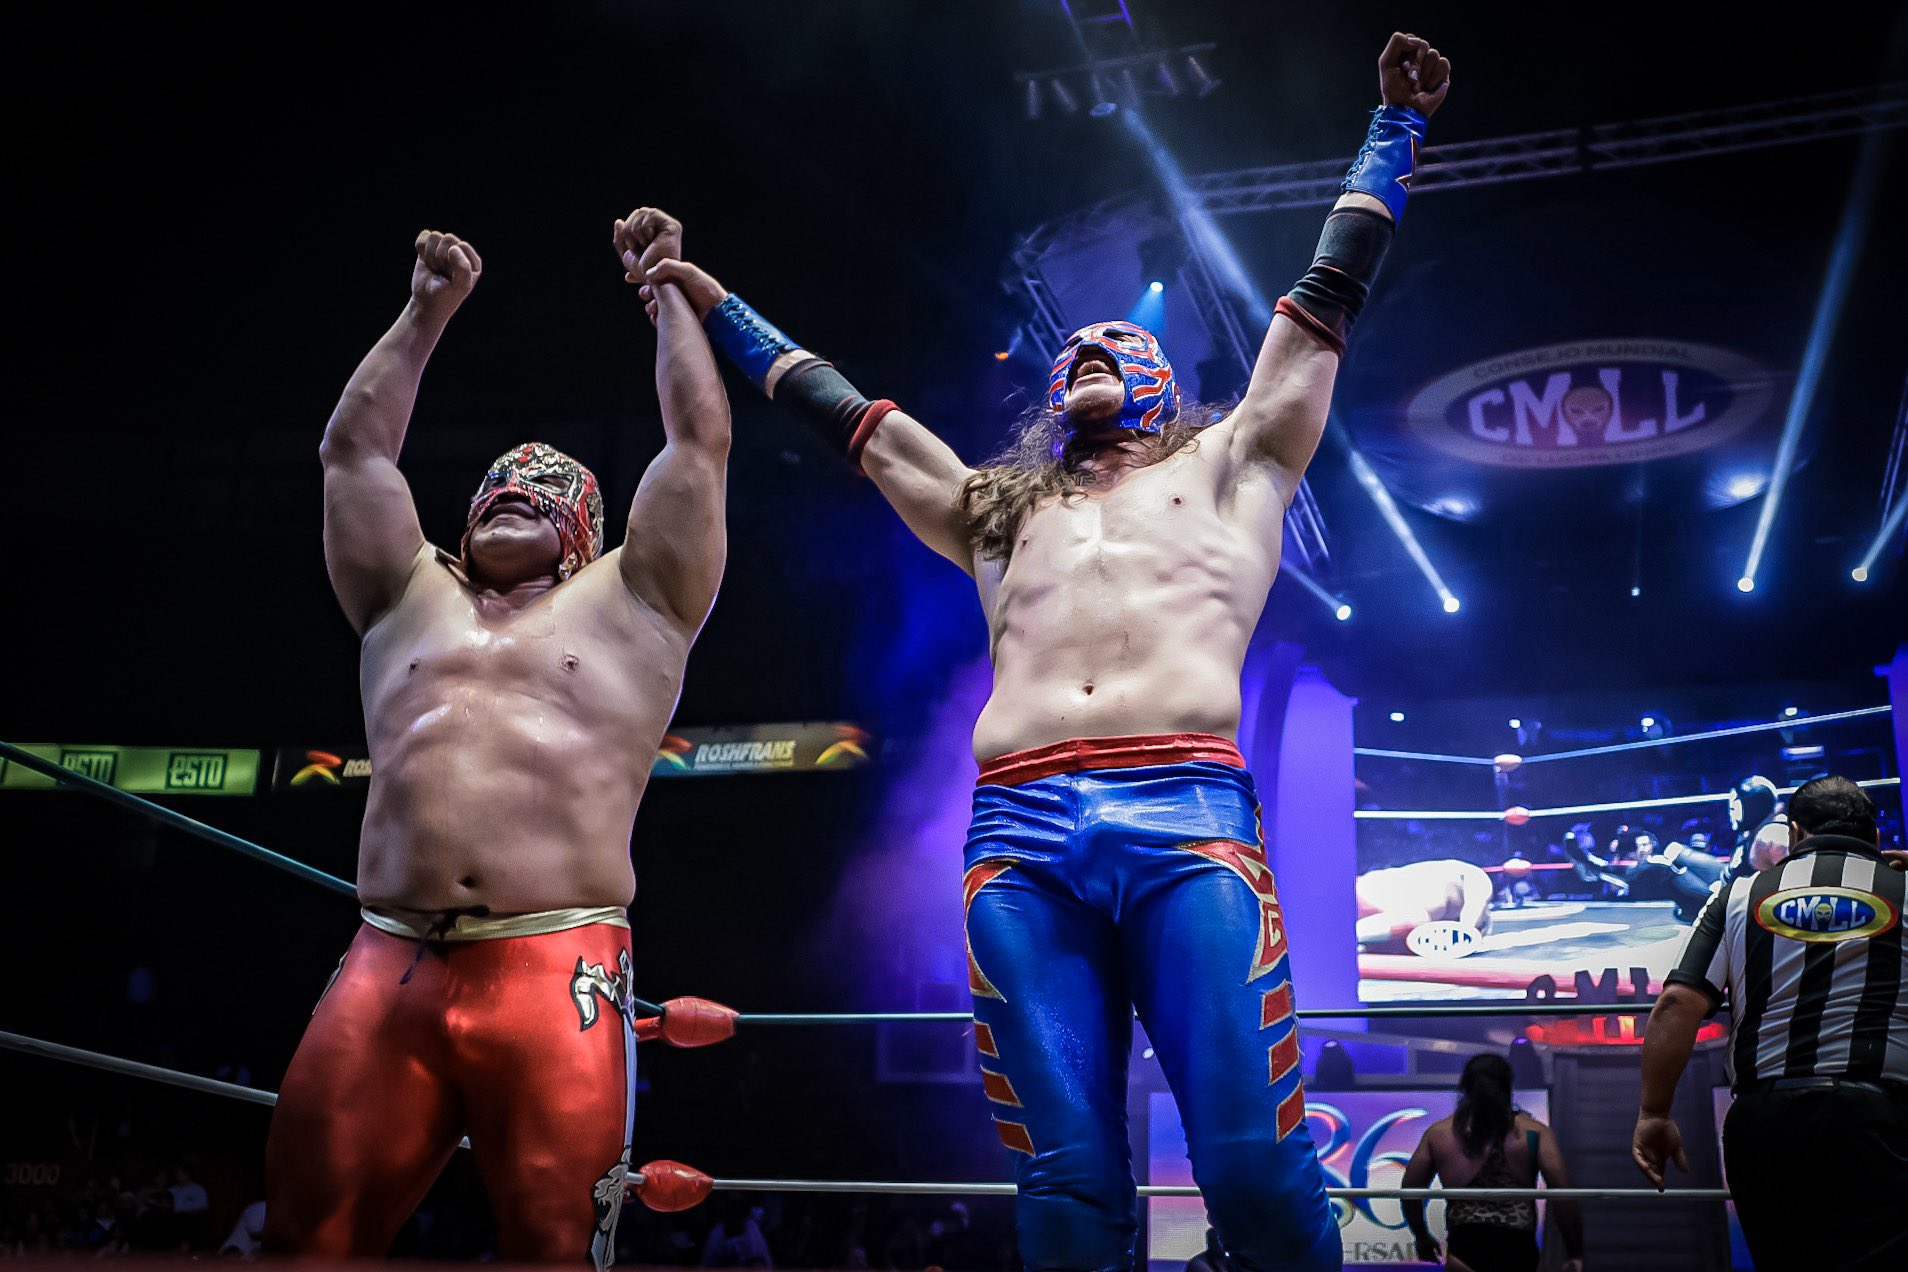 CMLL: Star Jr. y Valiente, segundos finalistas de la Gran Alternativa 29